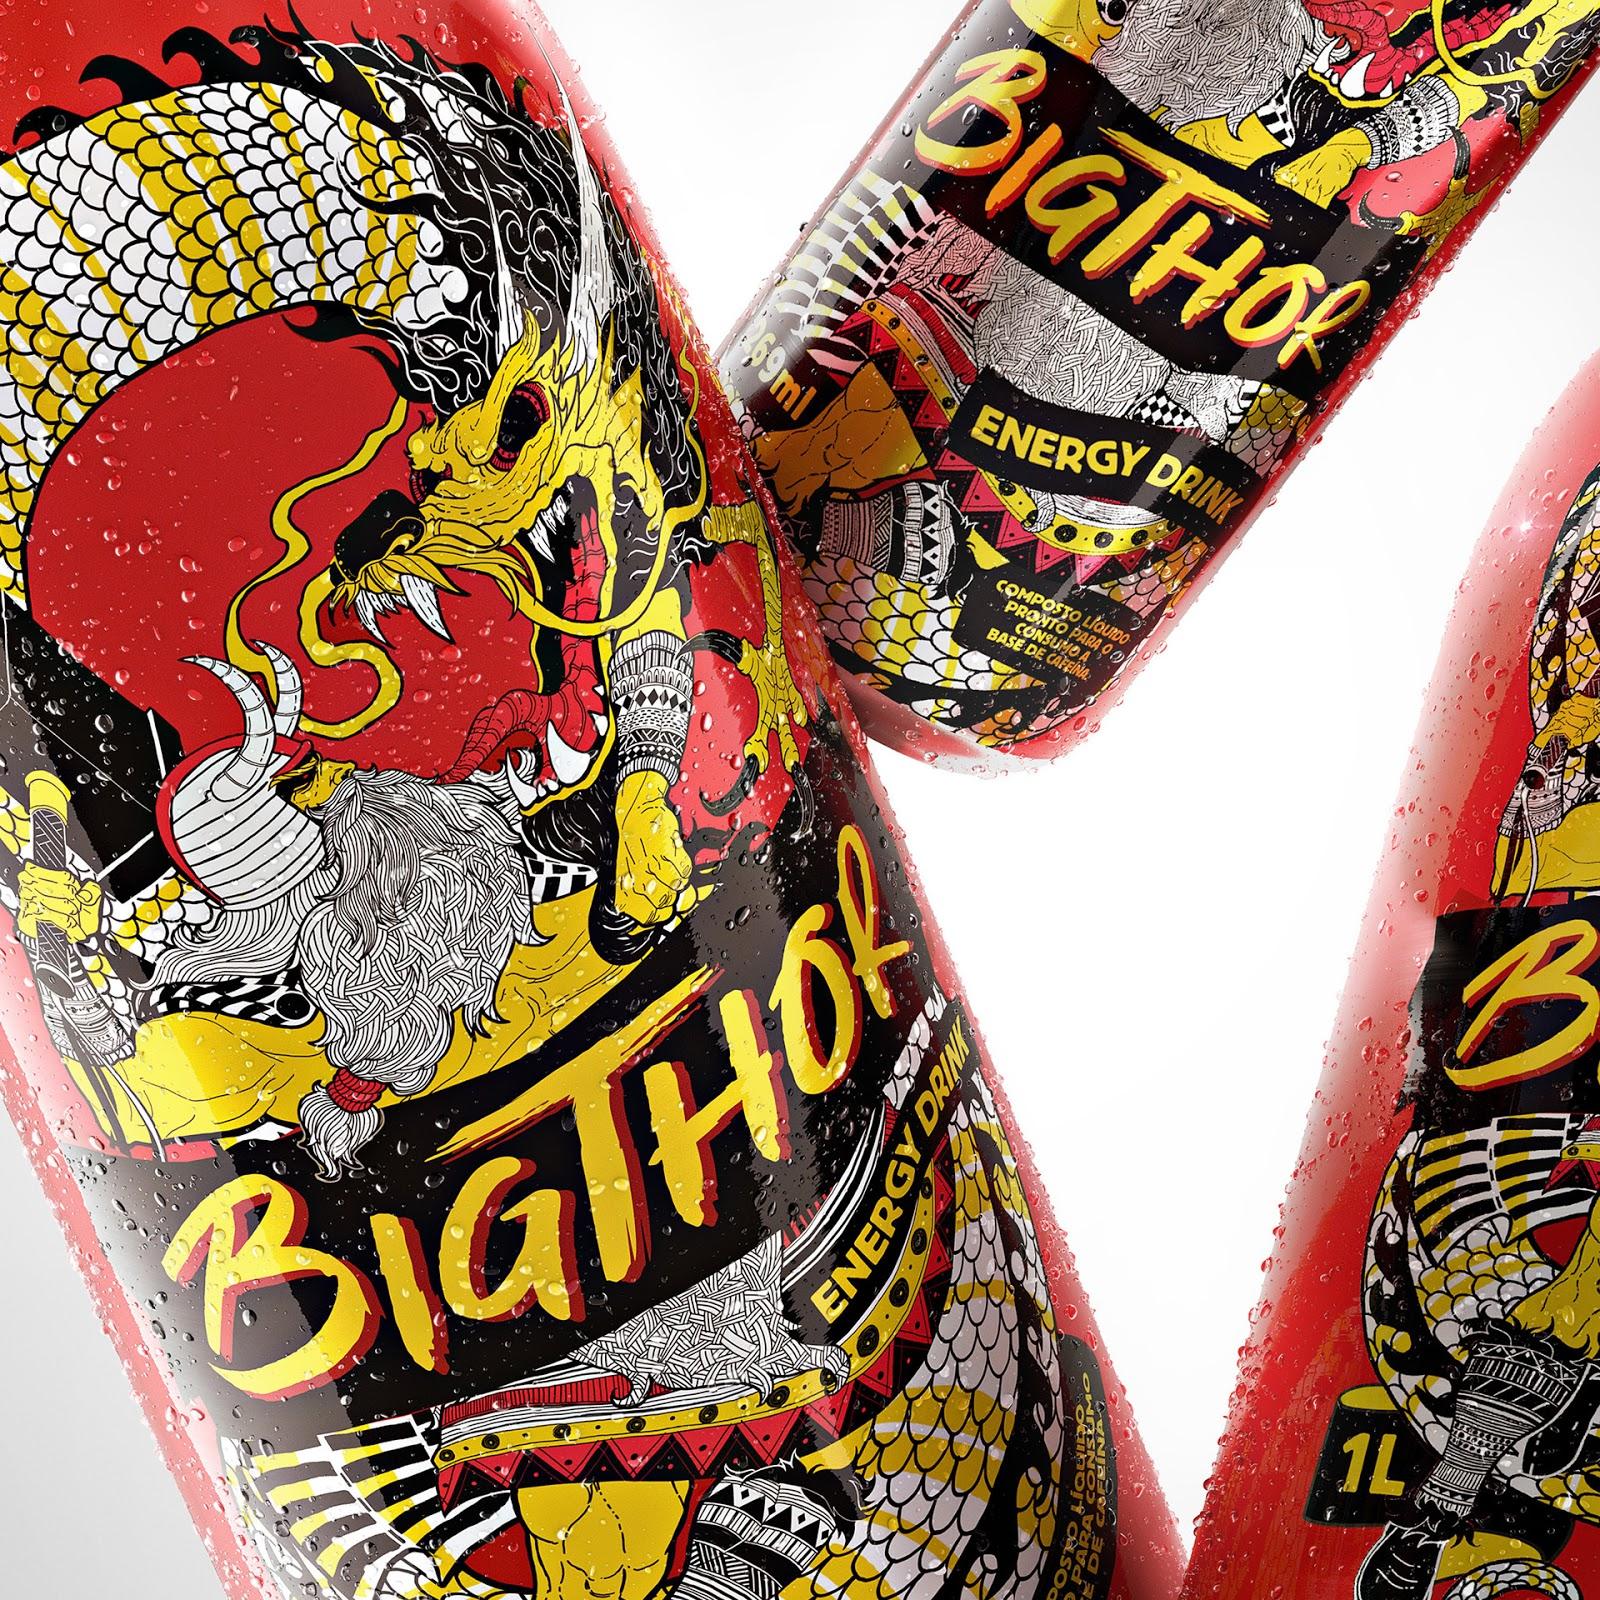 Big Thor能量饮料包装设计